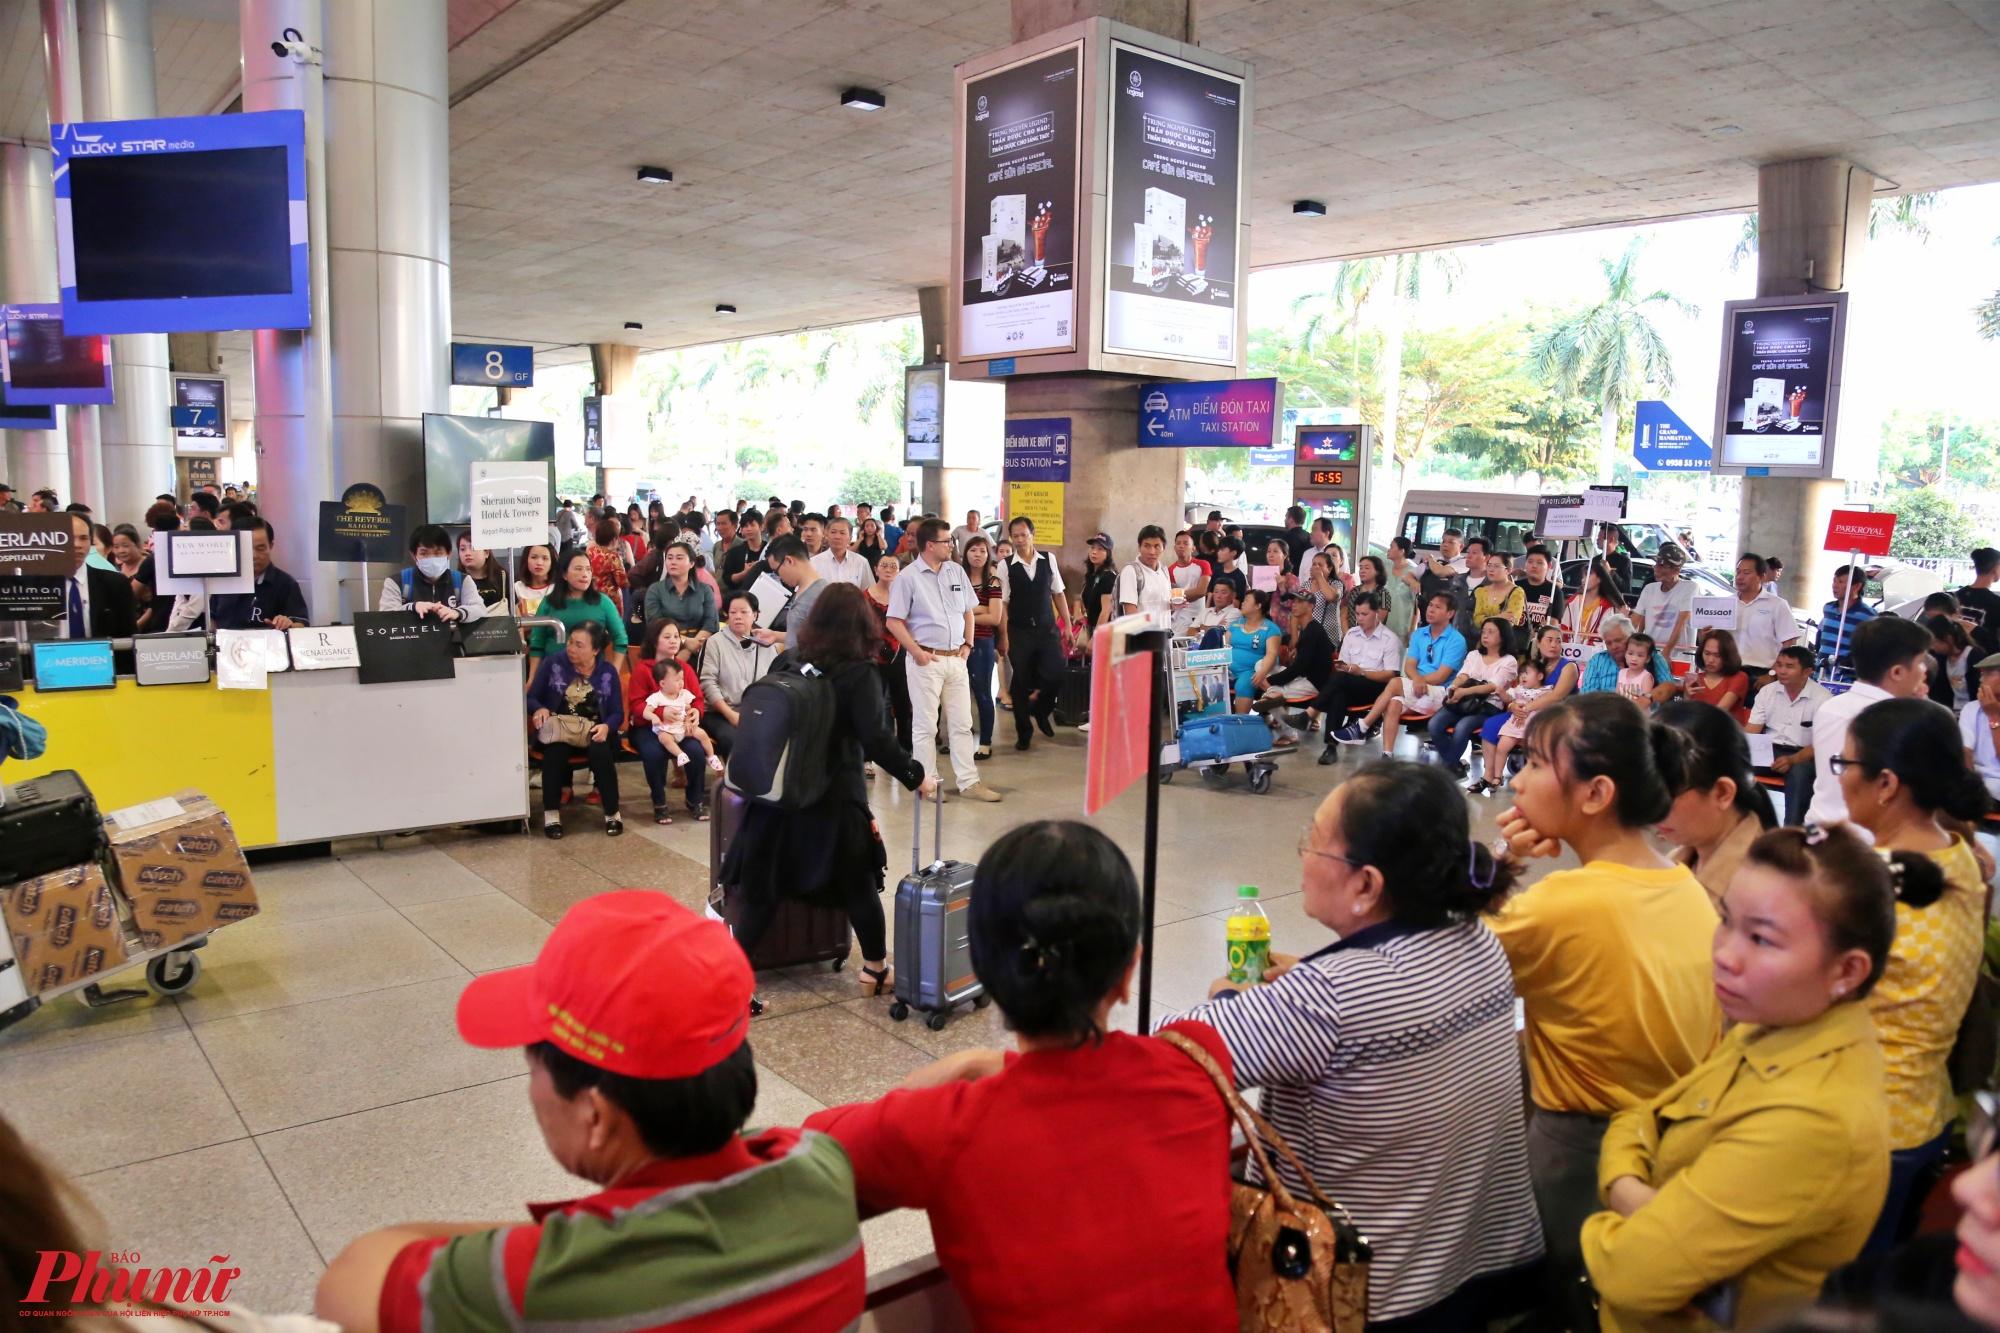 Người thân đứng chât kín ở cửa ra vào ở ga quốc tế để đợi đón người nhà